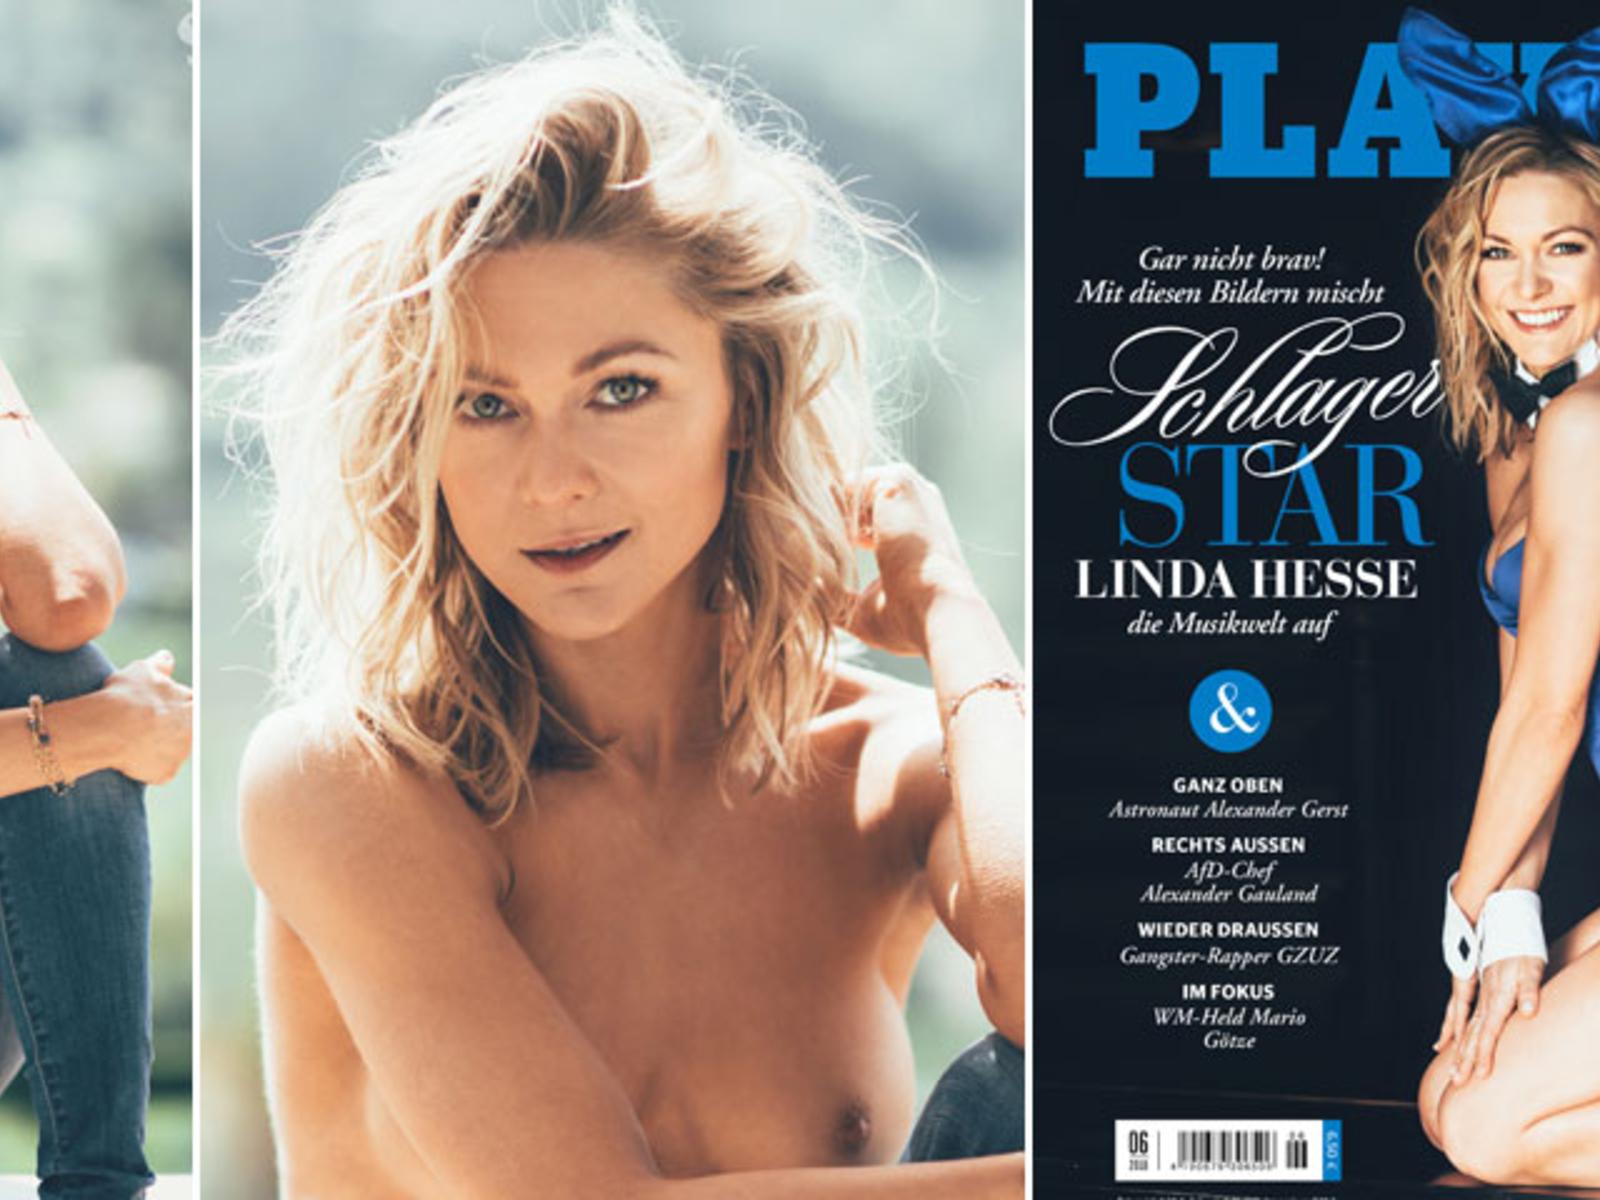 Linda nackt playboy hesse Alle lieben